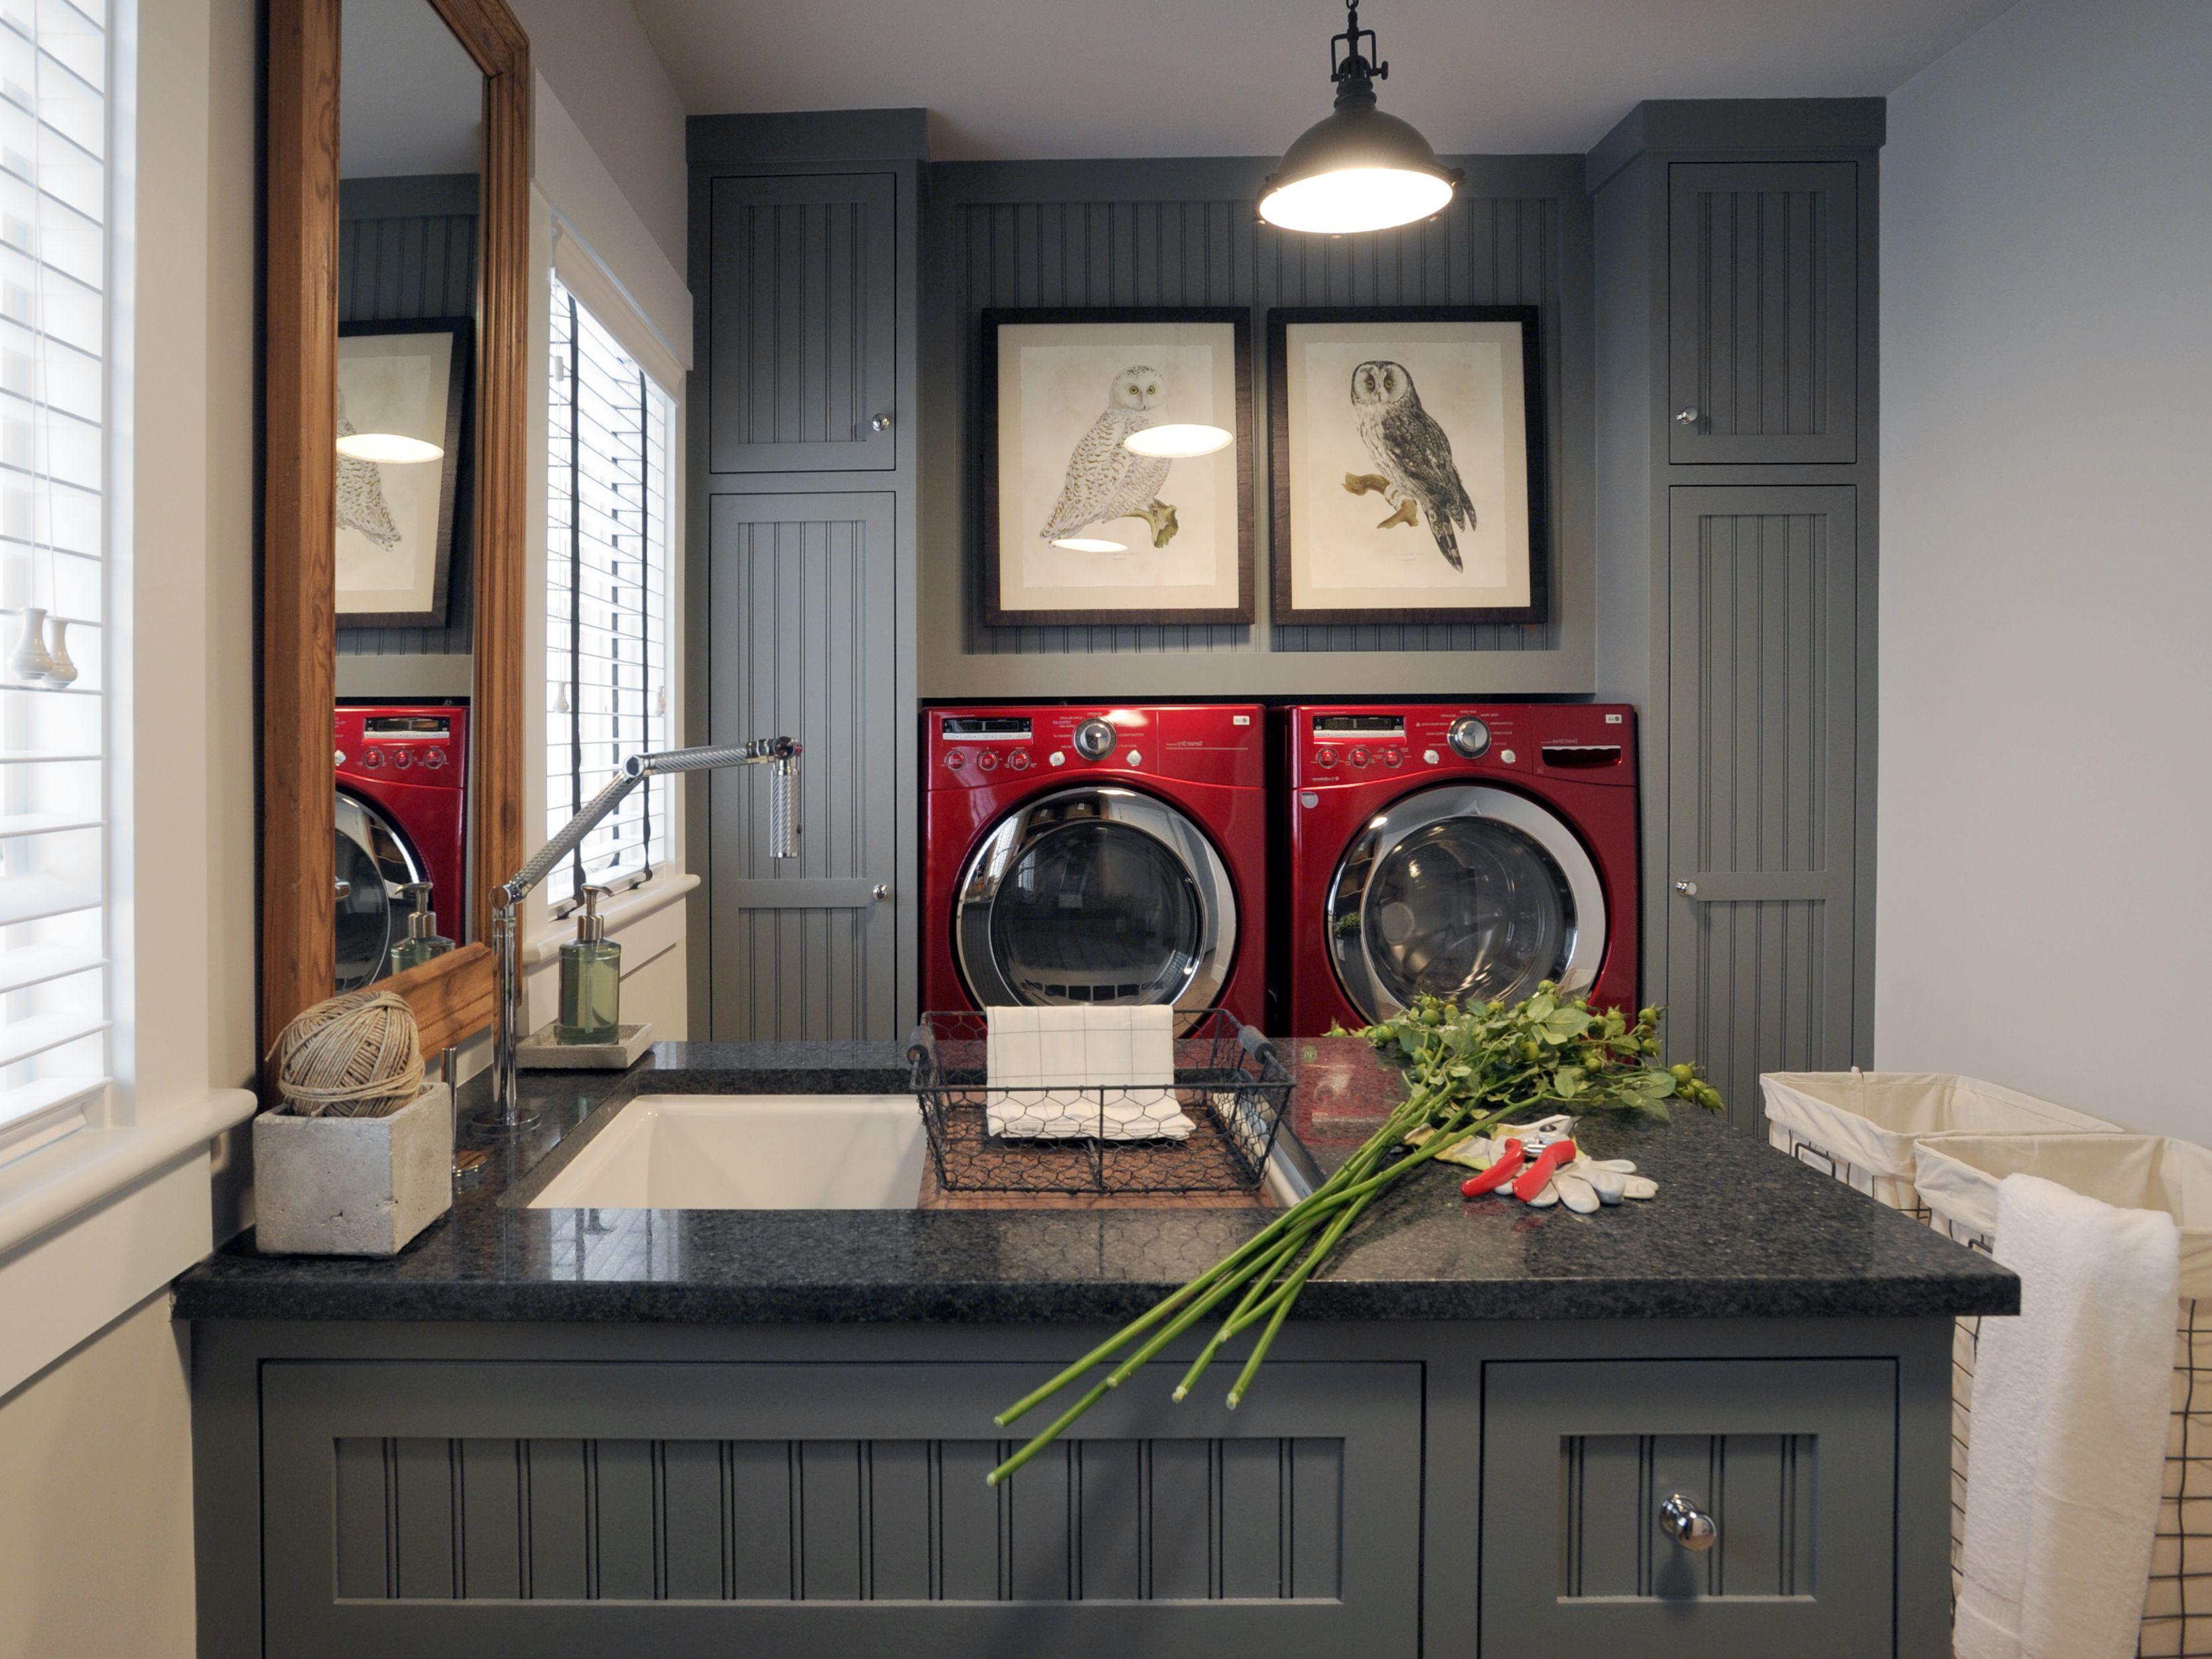 Retro Garage Decor Ideas - Helda Site; Furnitures & Home ... on Garage Decoration  id=34042